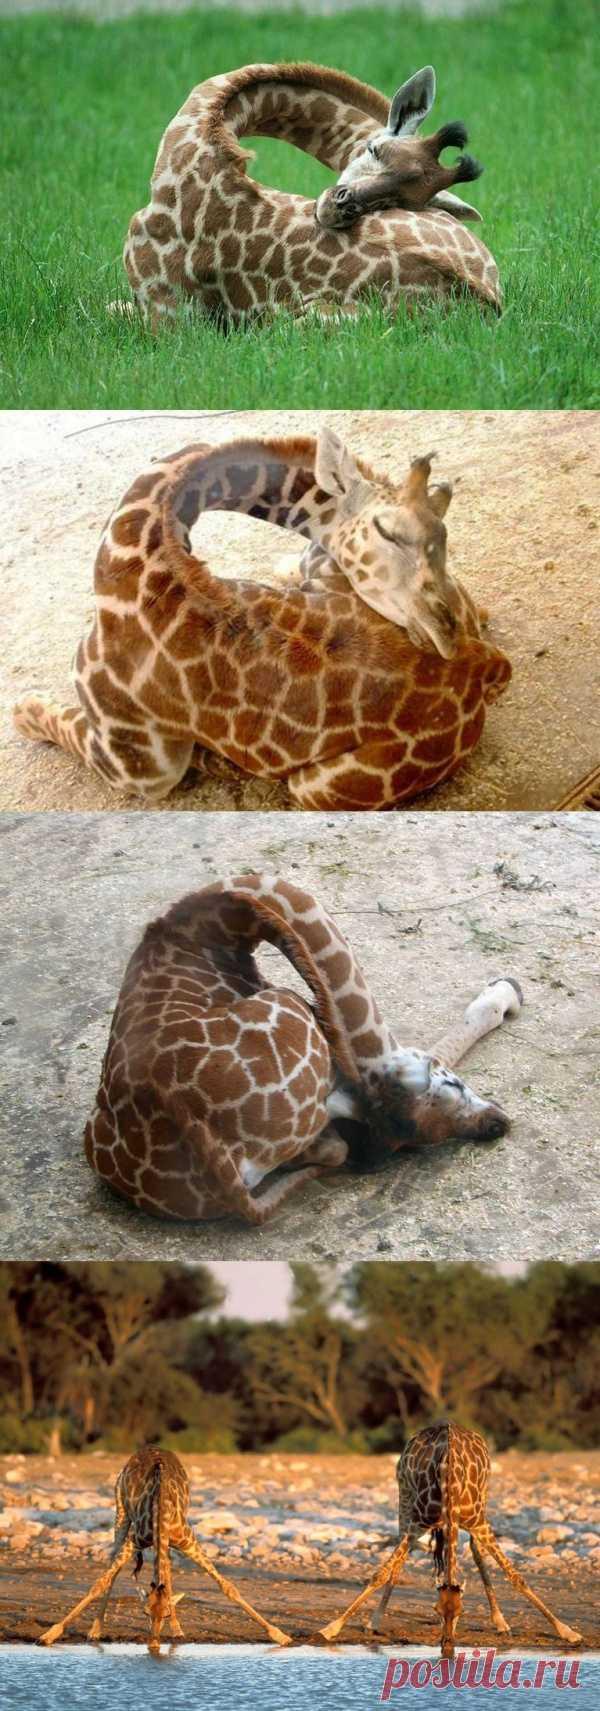 А вы видели, как спят жирафы? А как они пьют воду?